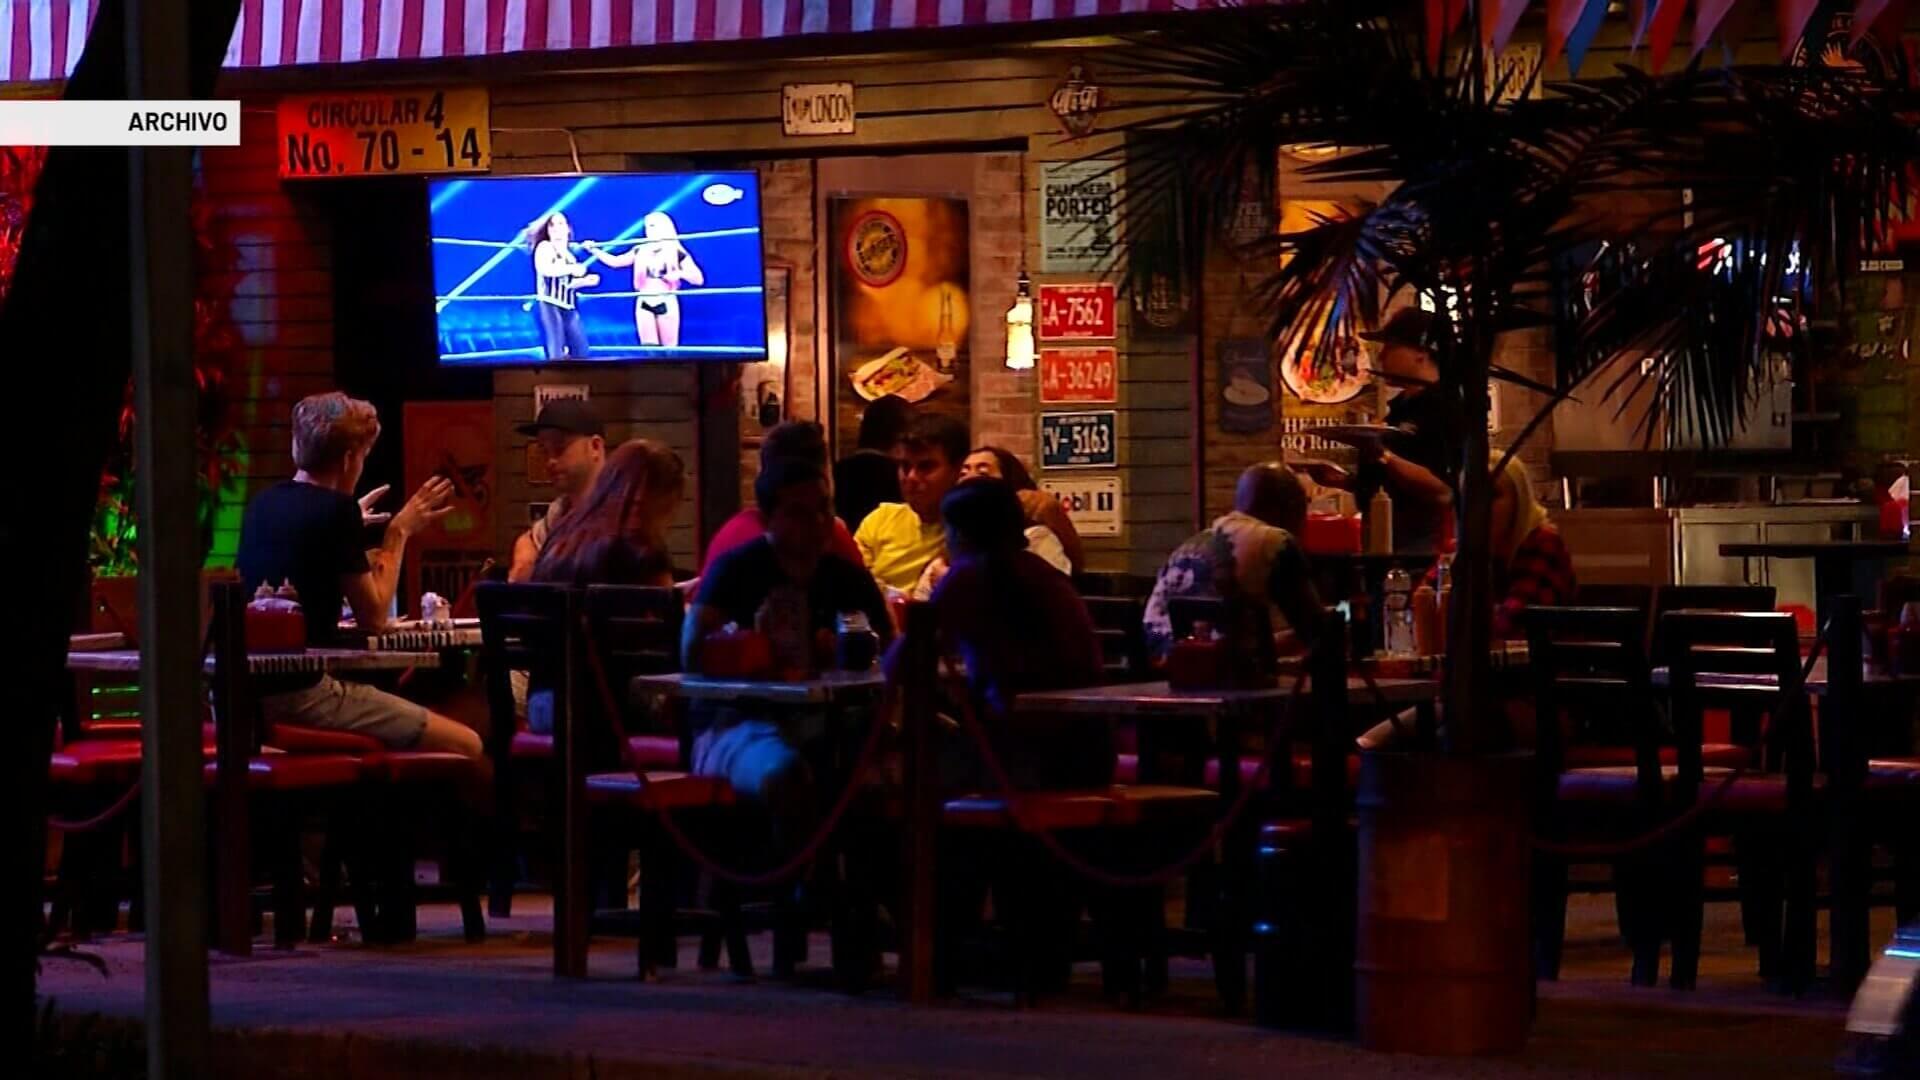 Autoridades piden no descuidar el autocuidado en bares